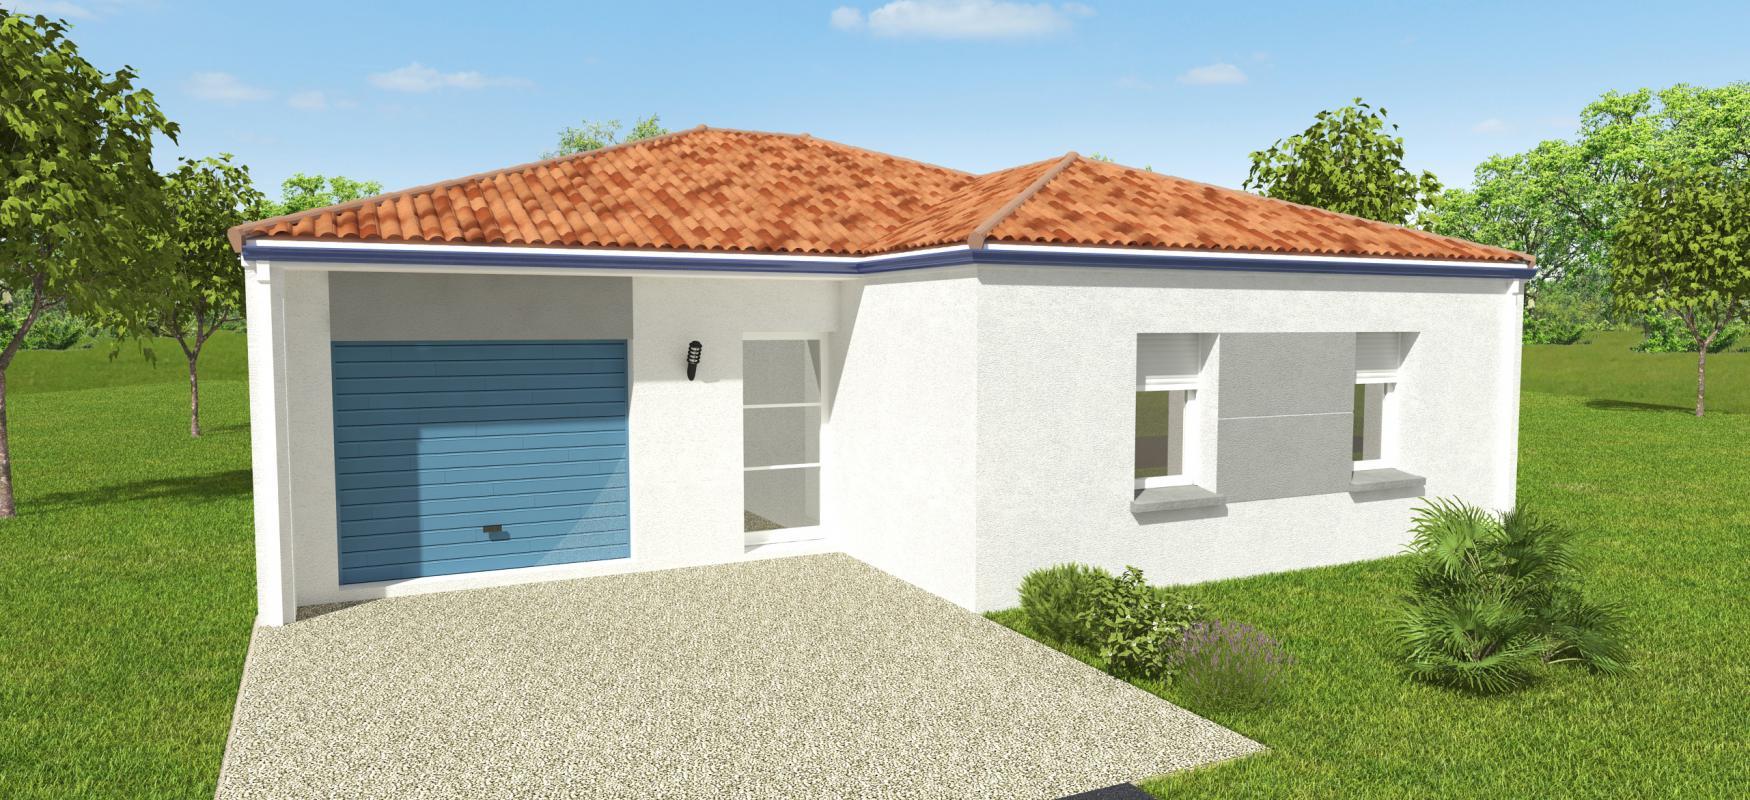 Maisons du constructeur OCEANE HABITAT • 92 m² • THARON PLAGE